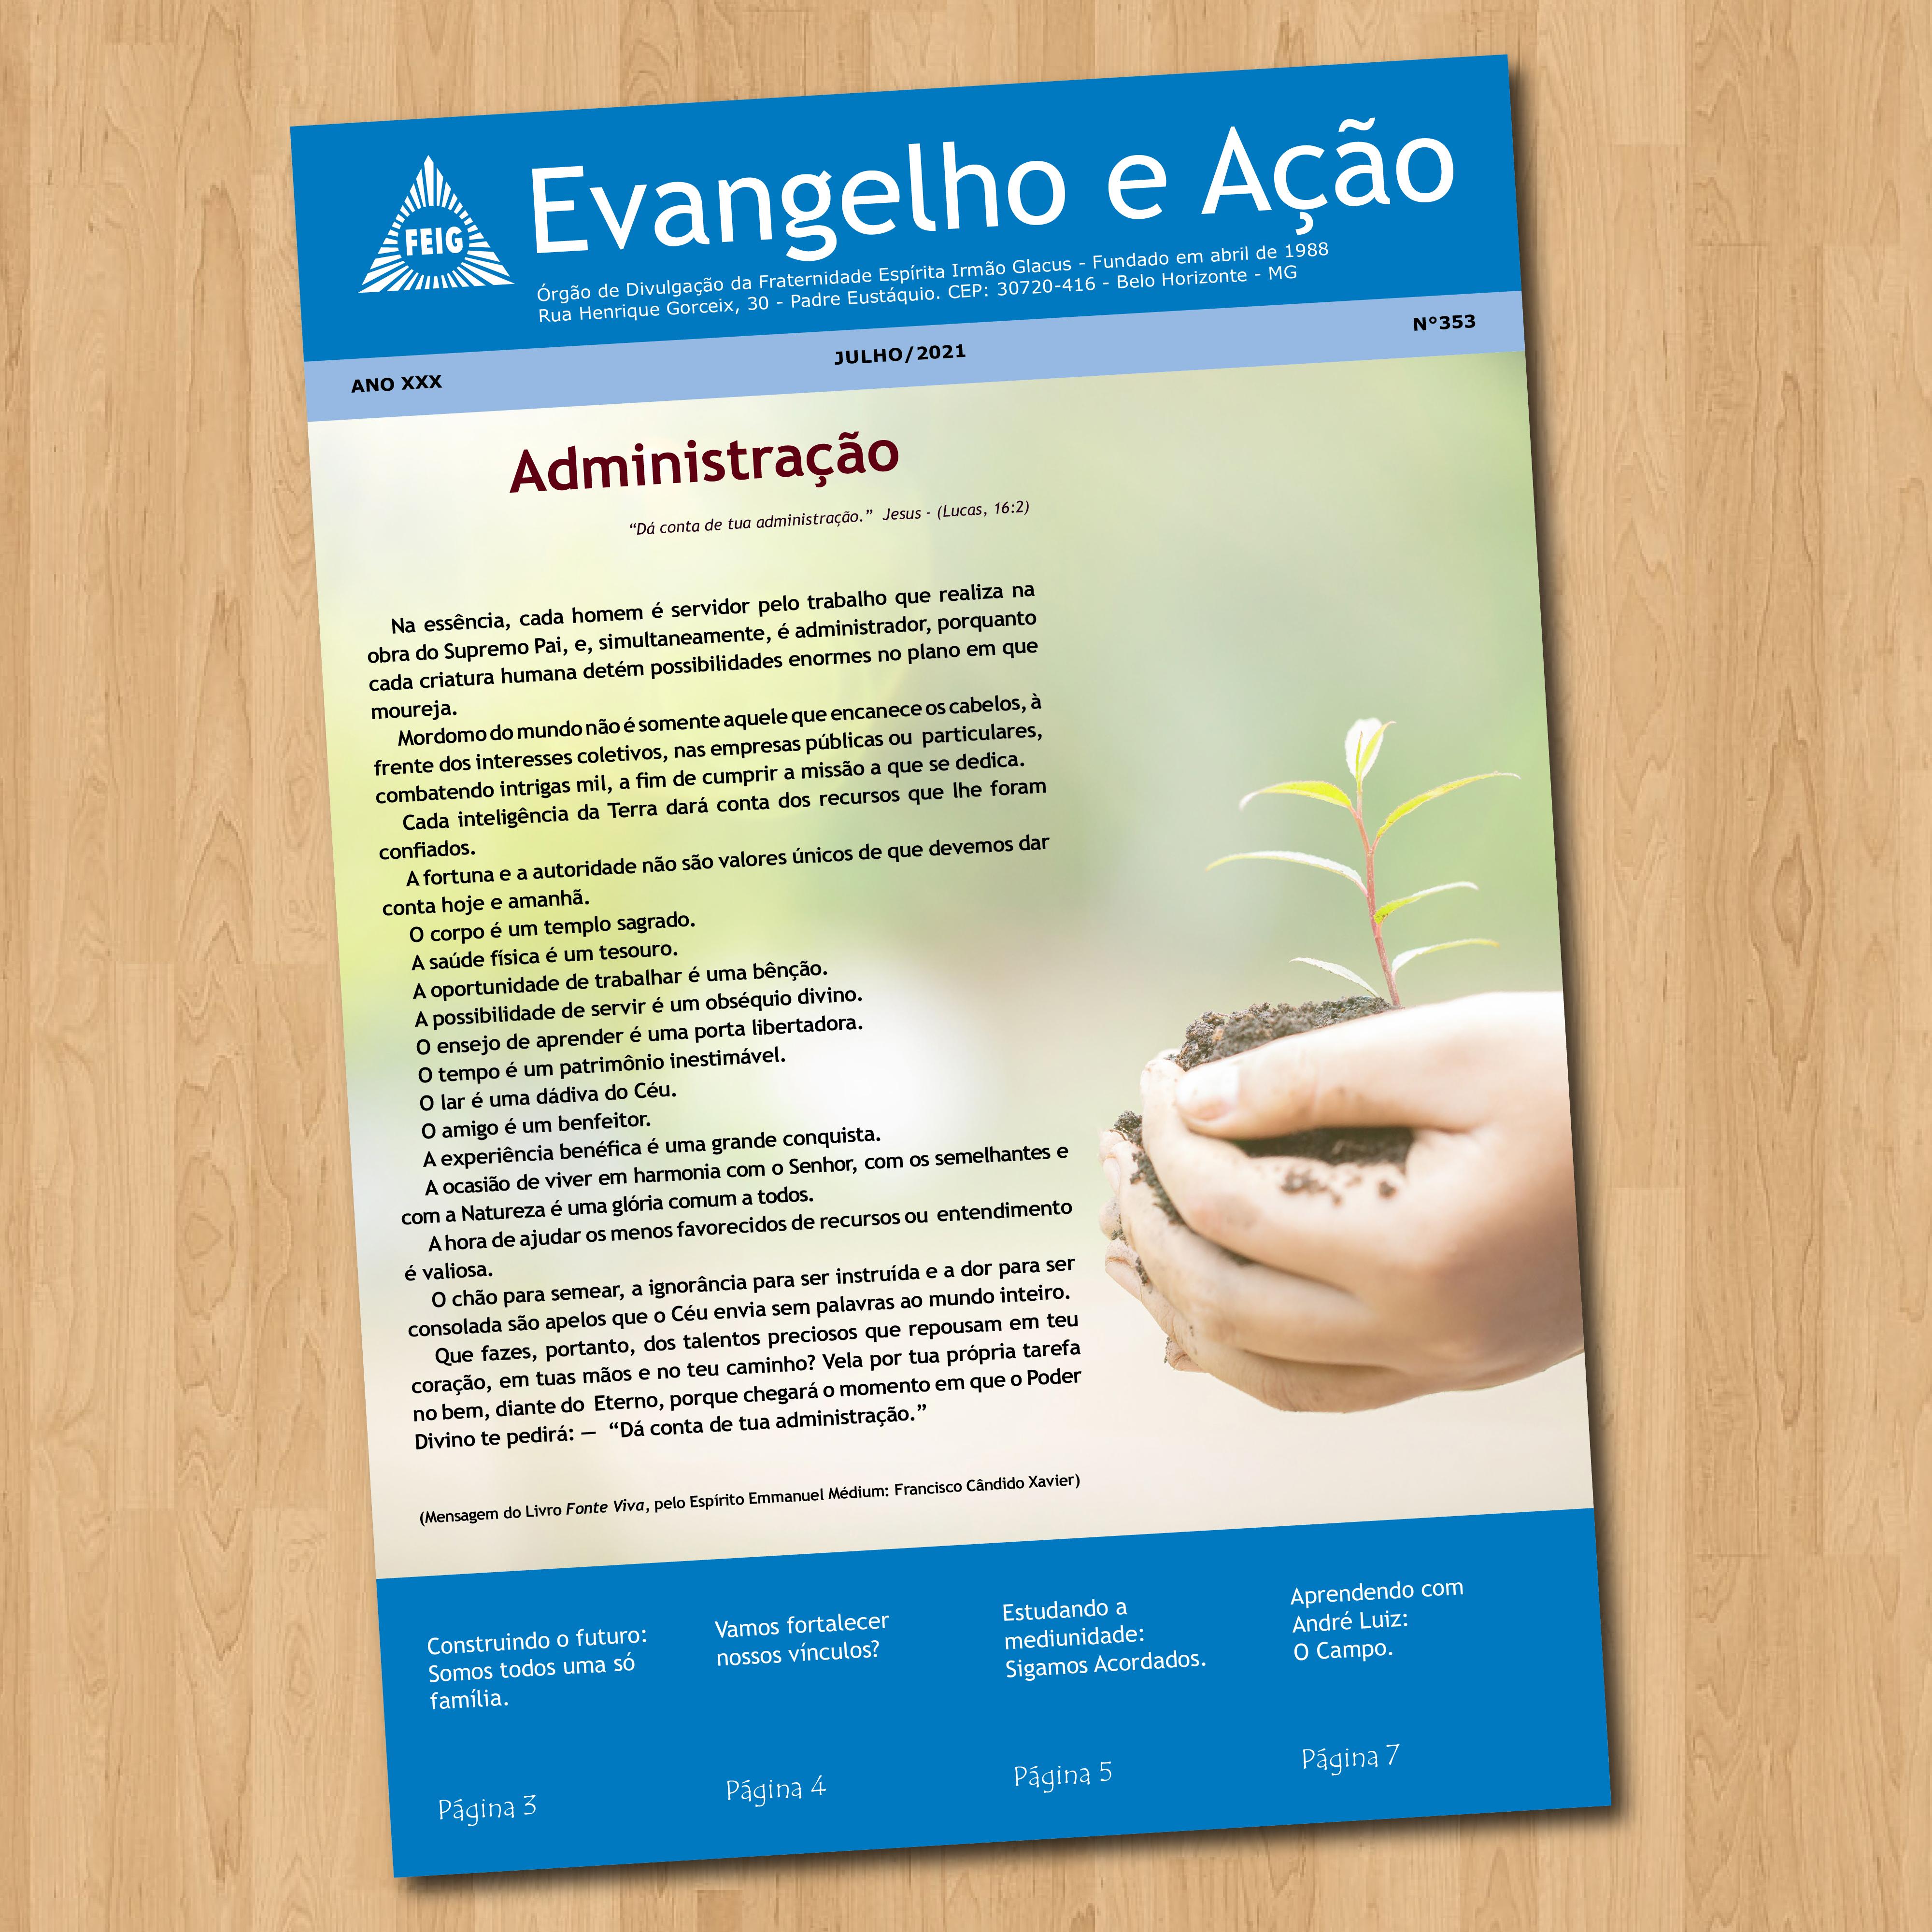 Jornal Evangelho e Ação - Feig - julho/2021